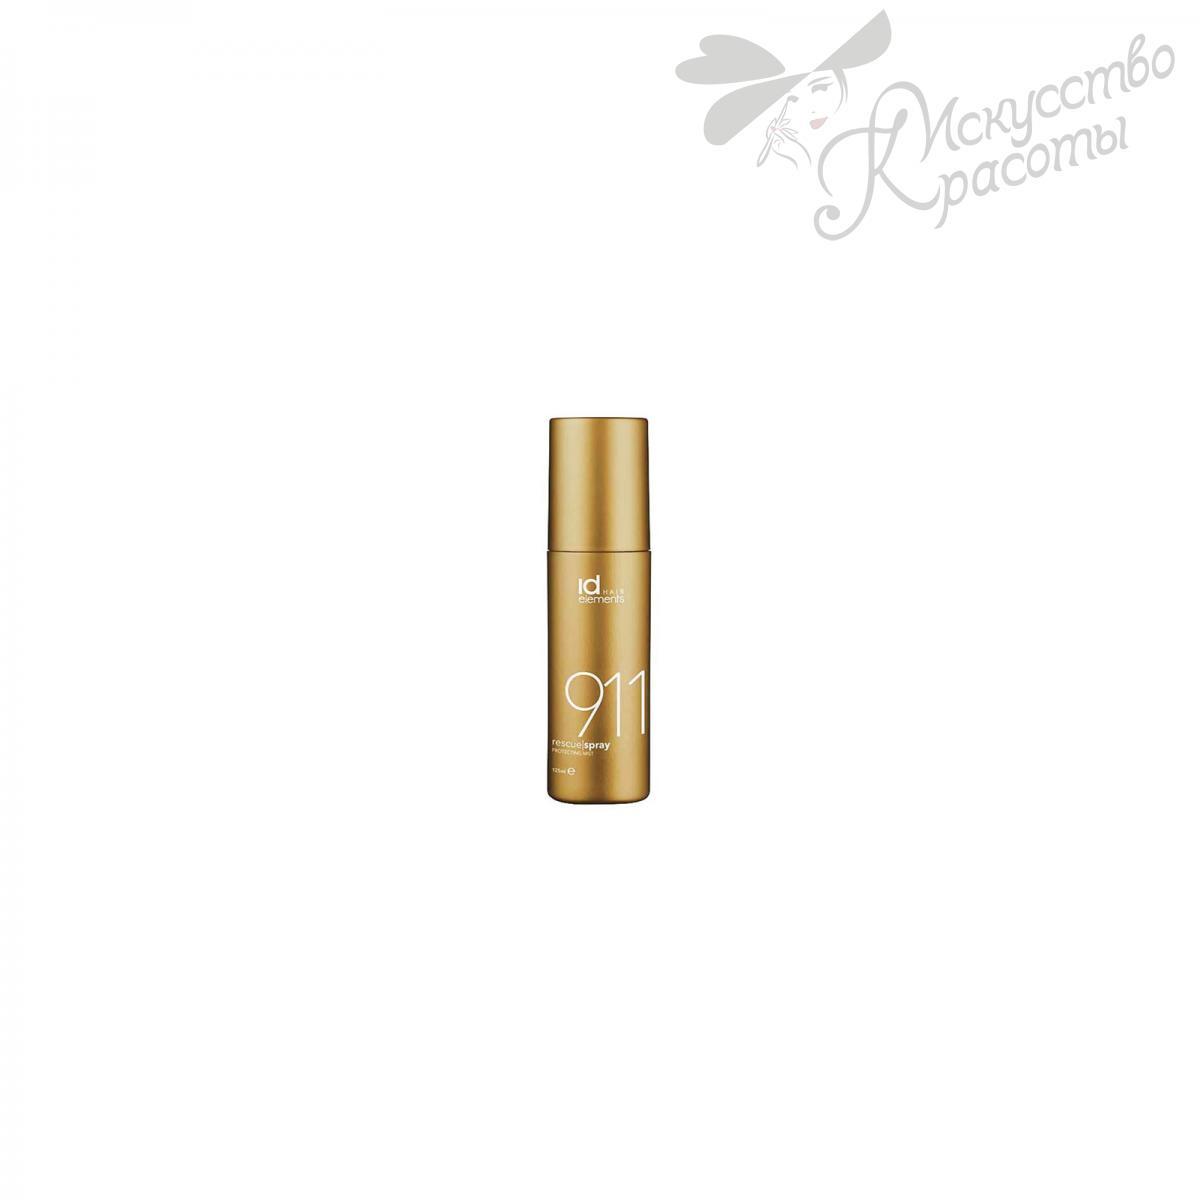 Питательный, защитный спрей 911 для окрашенных волос ID Hair Gold 125 мл